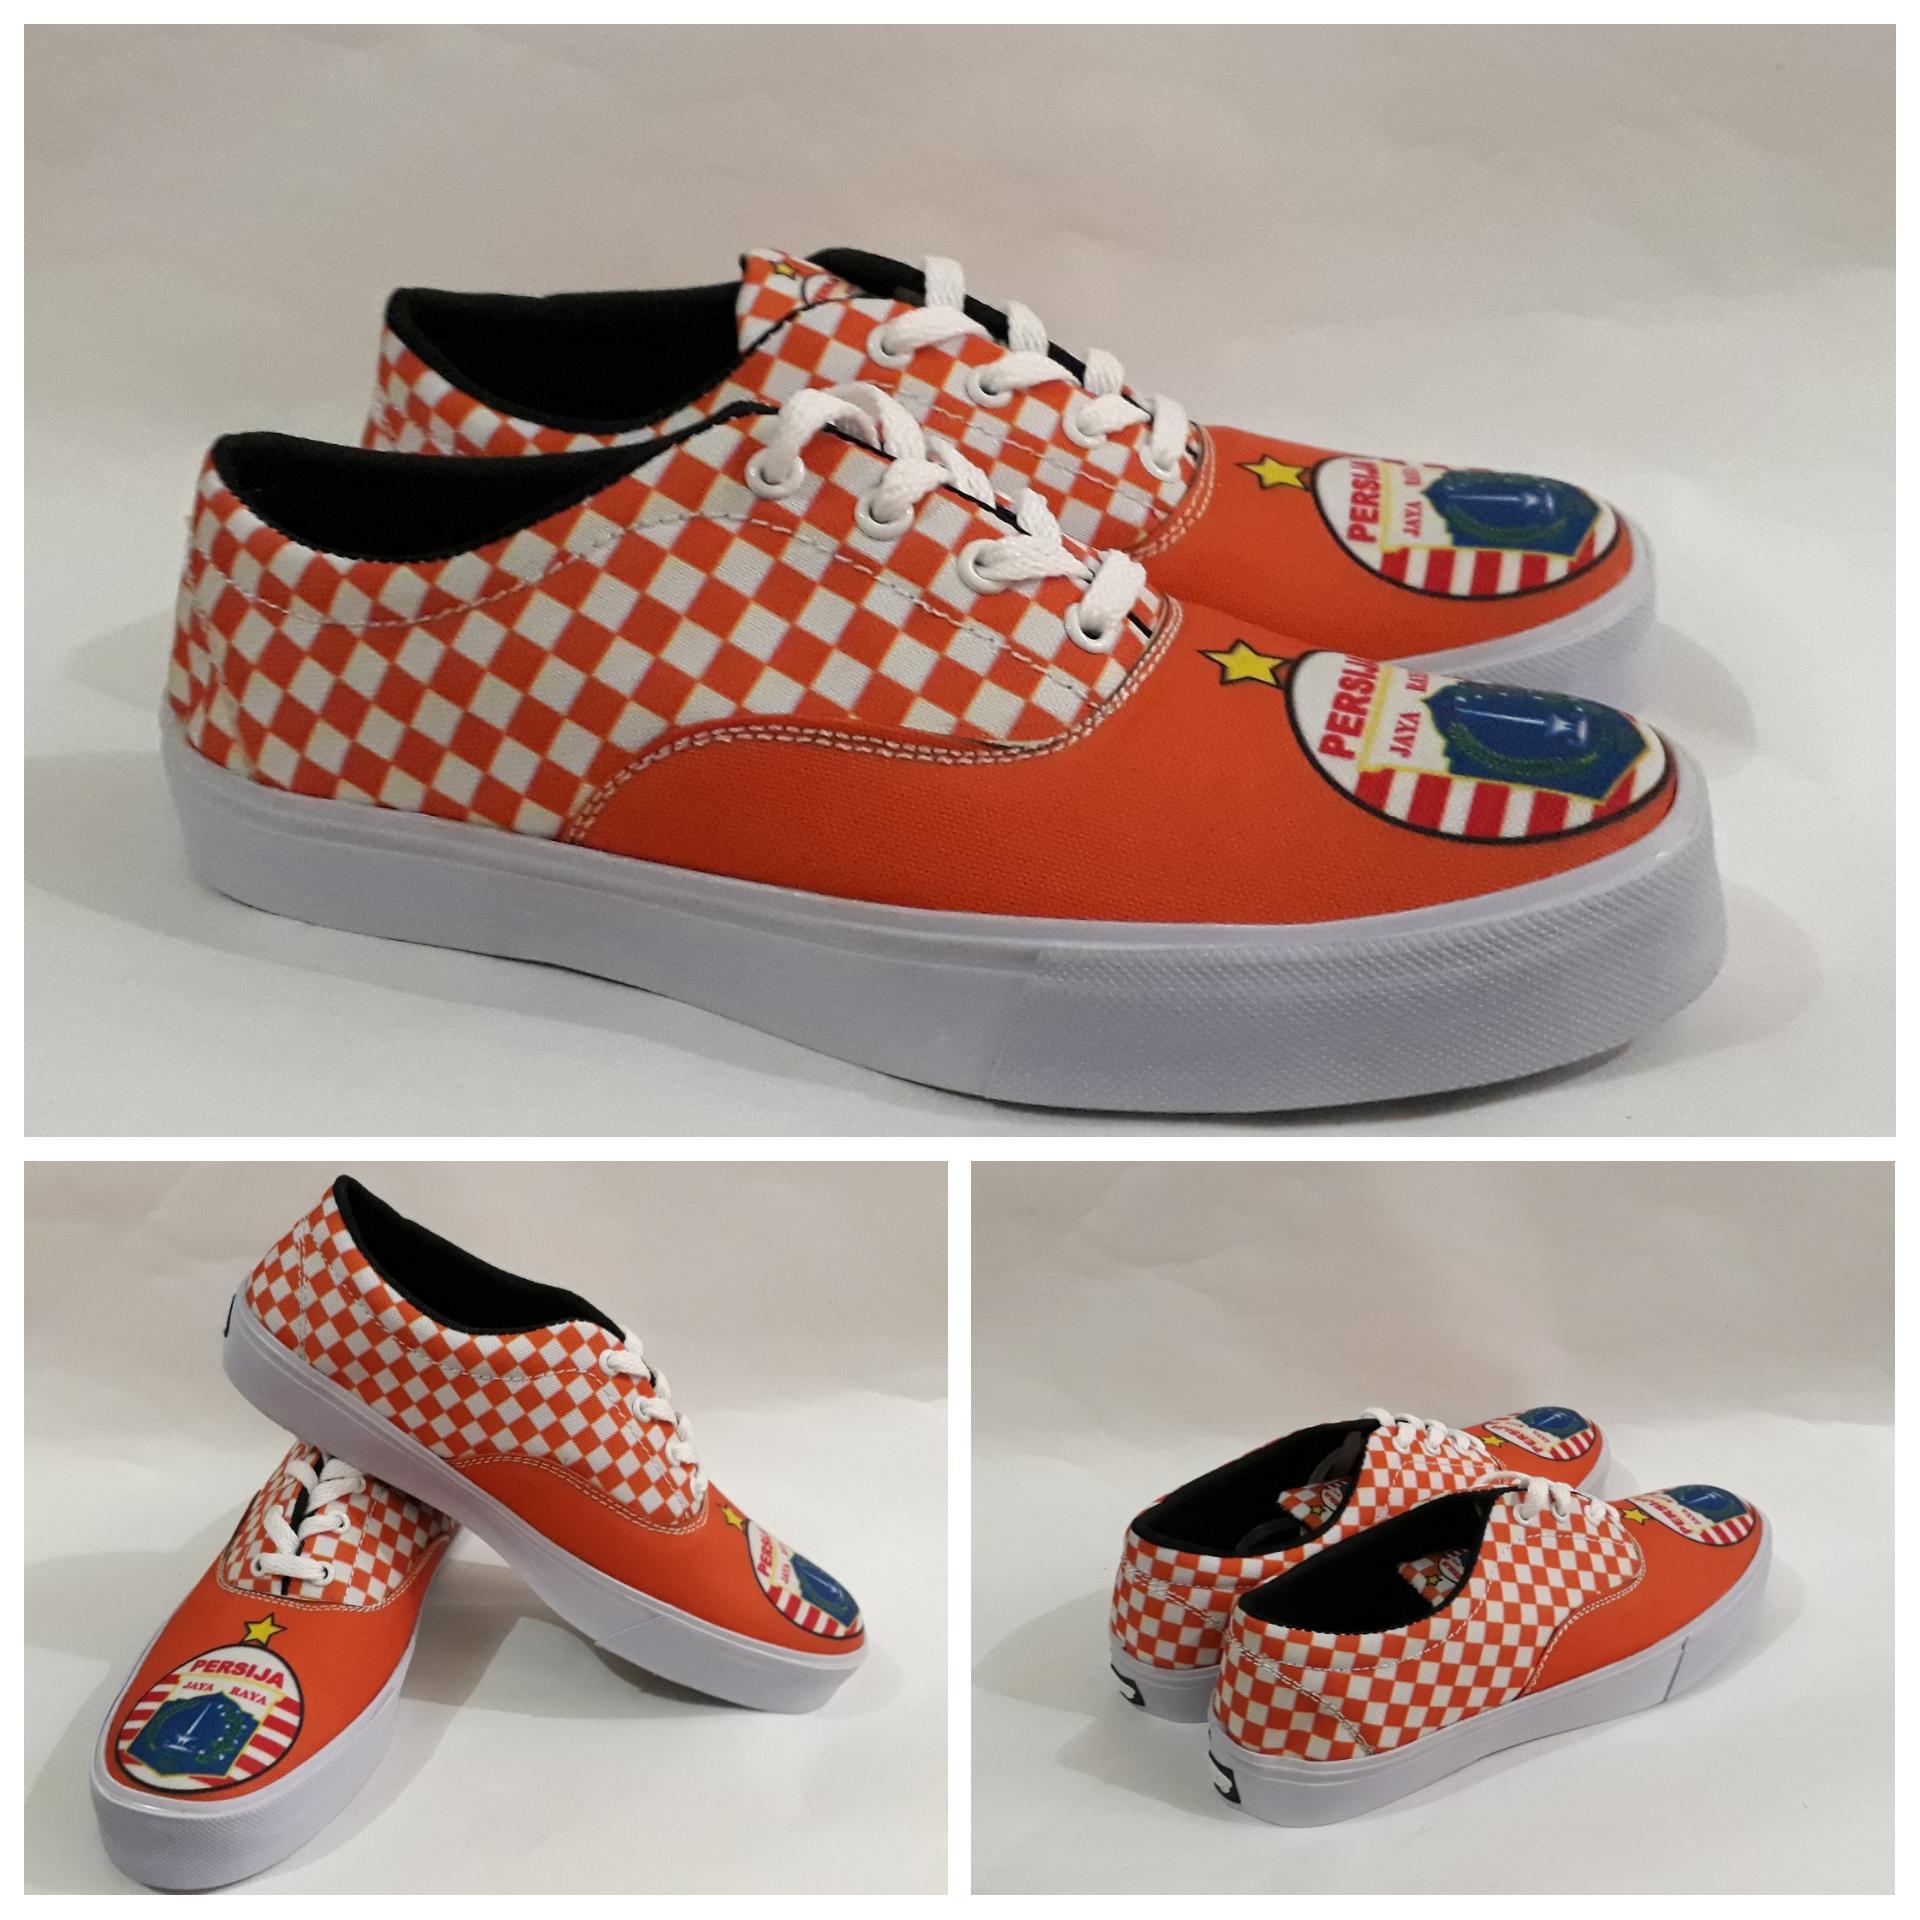 Sepatu Sneakers Printing Original Persija Jakarta 6f97afac00